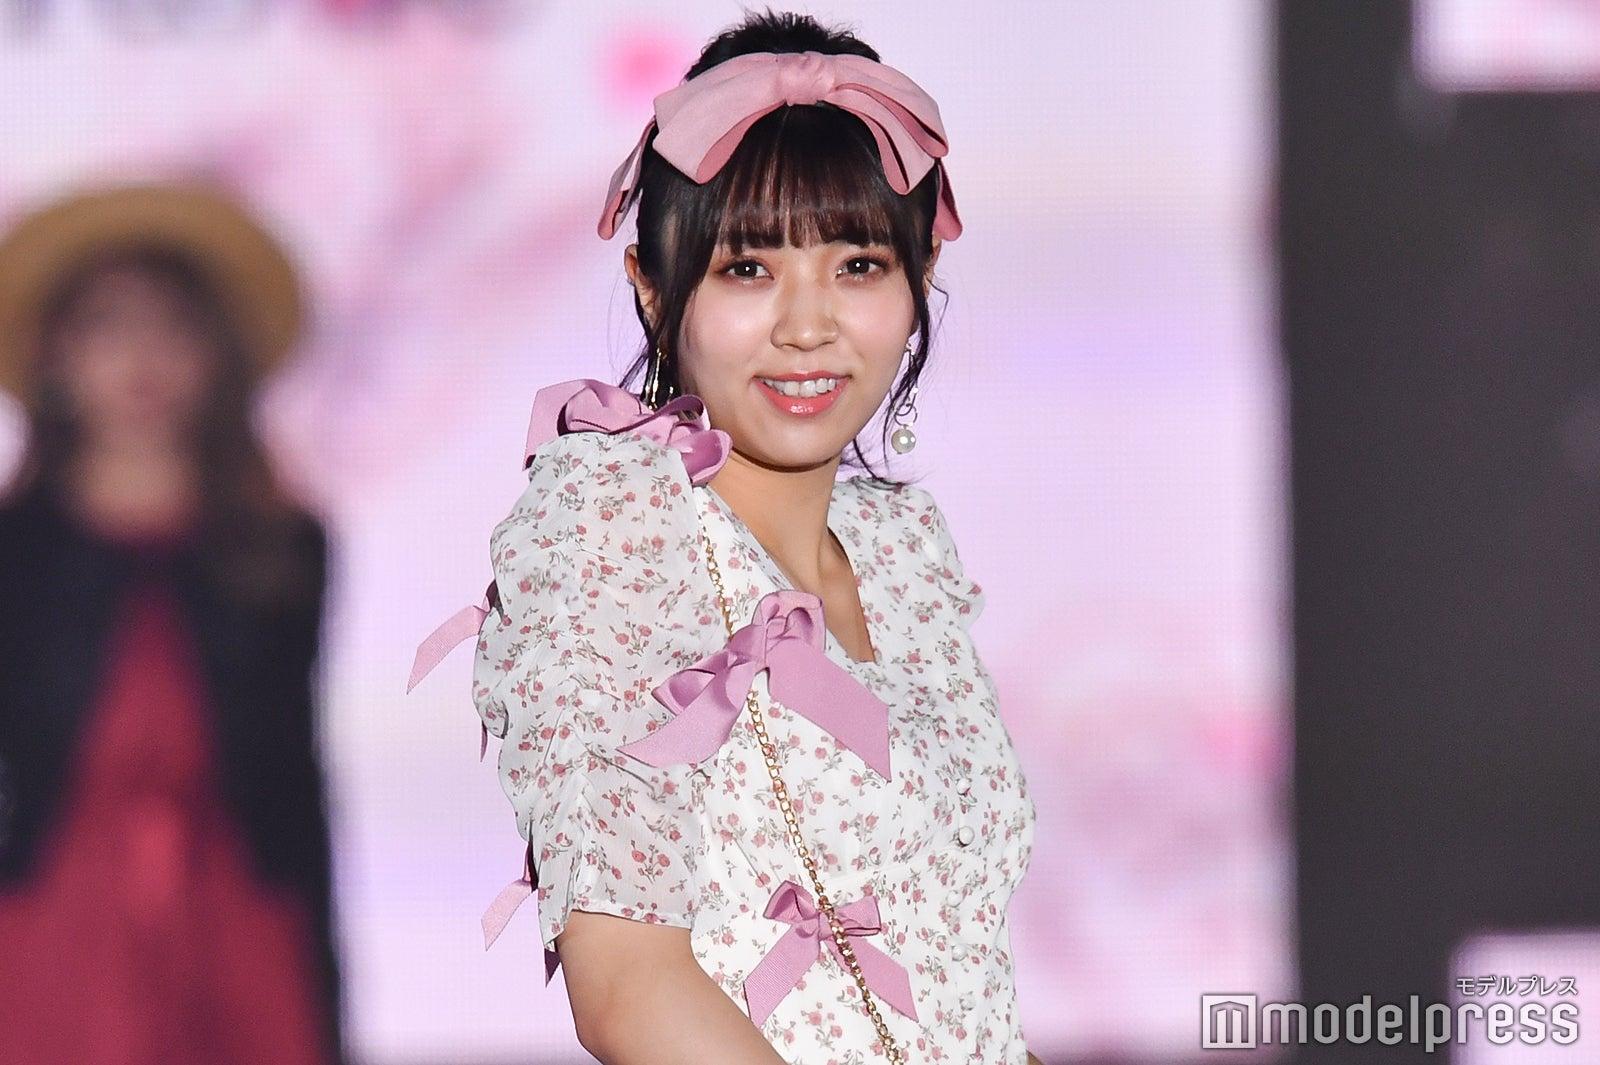 【悲報】小林由依さんピンクが絶望的に似合わない